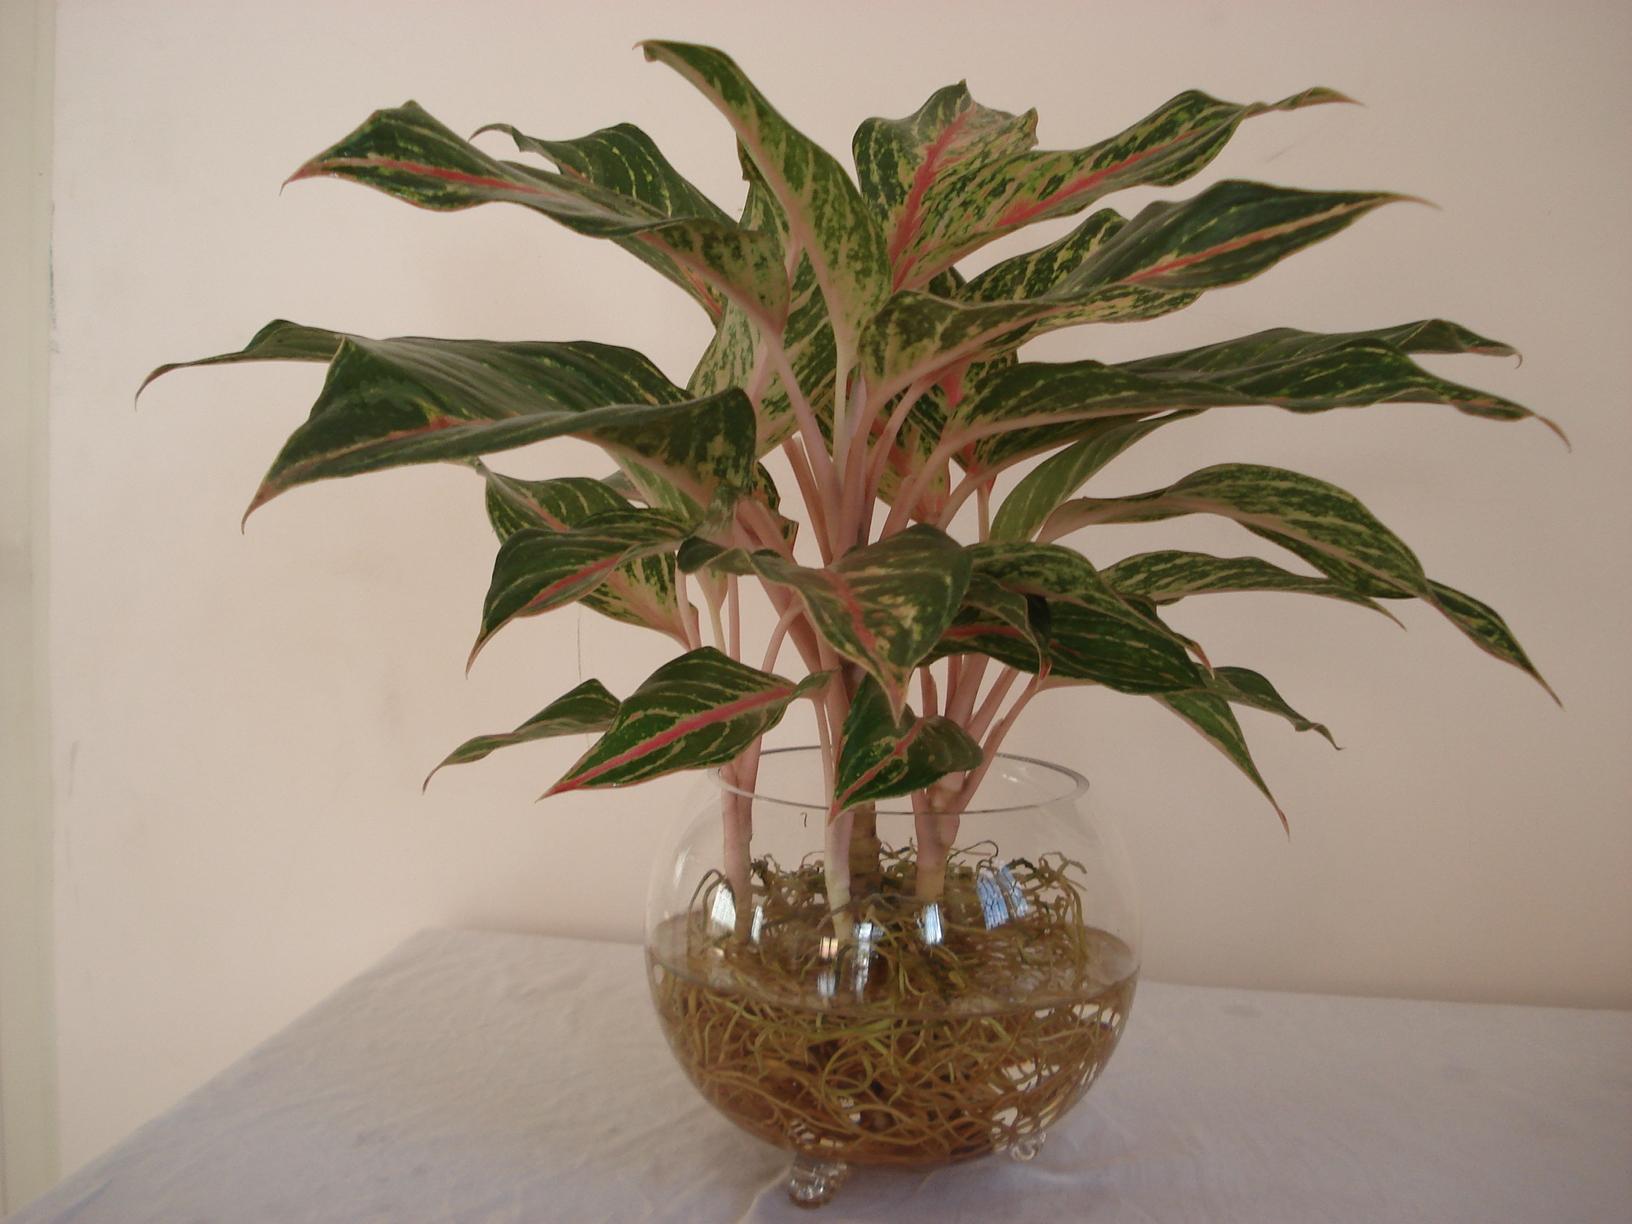 Màu sắc từ lá hoặc chậu cây thịnh vượng để bàn giúp bạn thư giãn ngay cả khi đang làm việc